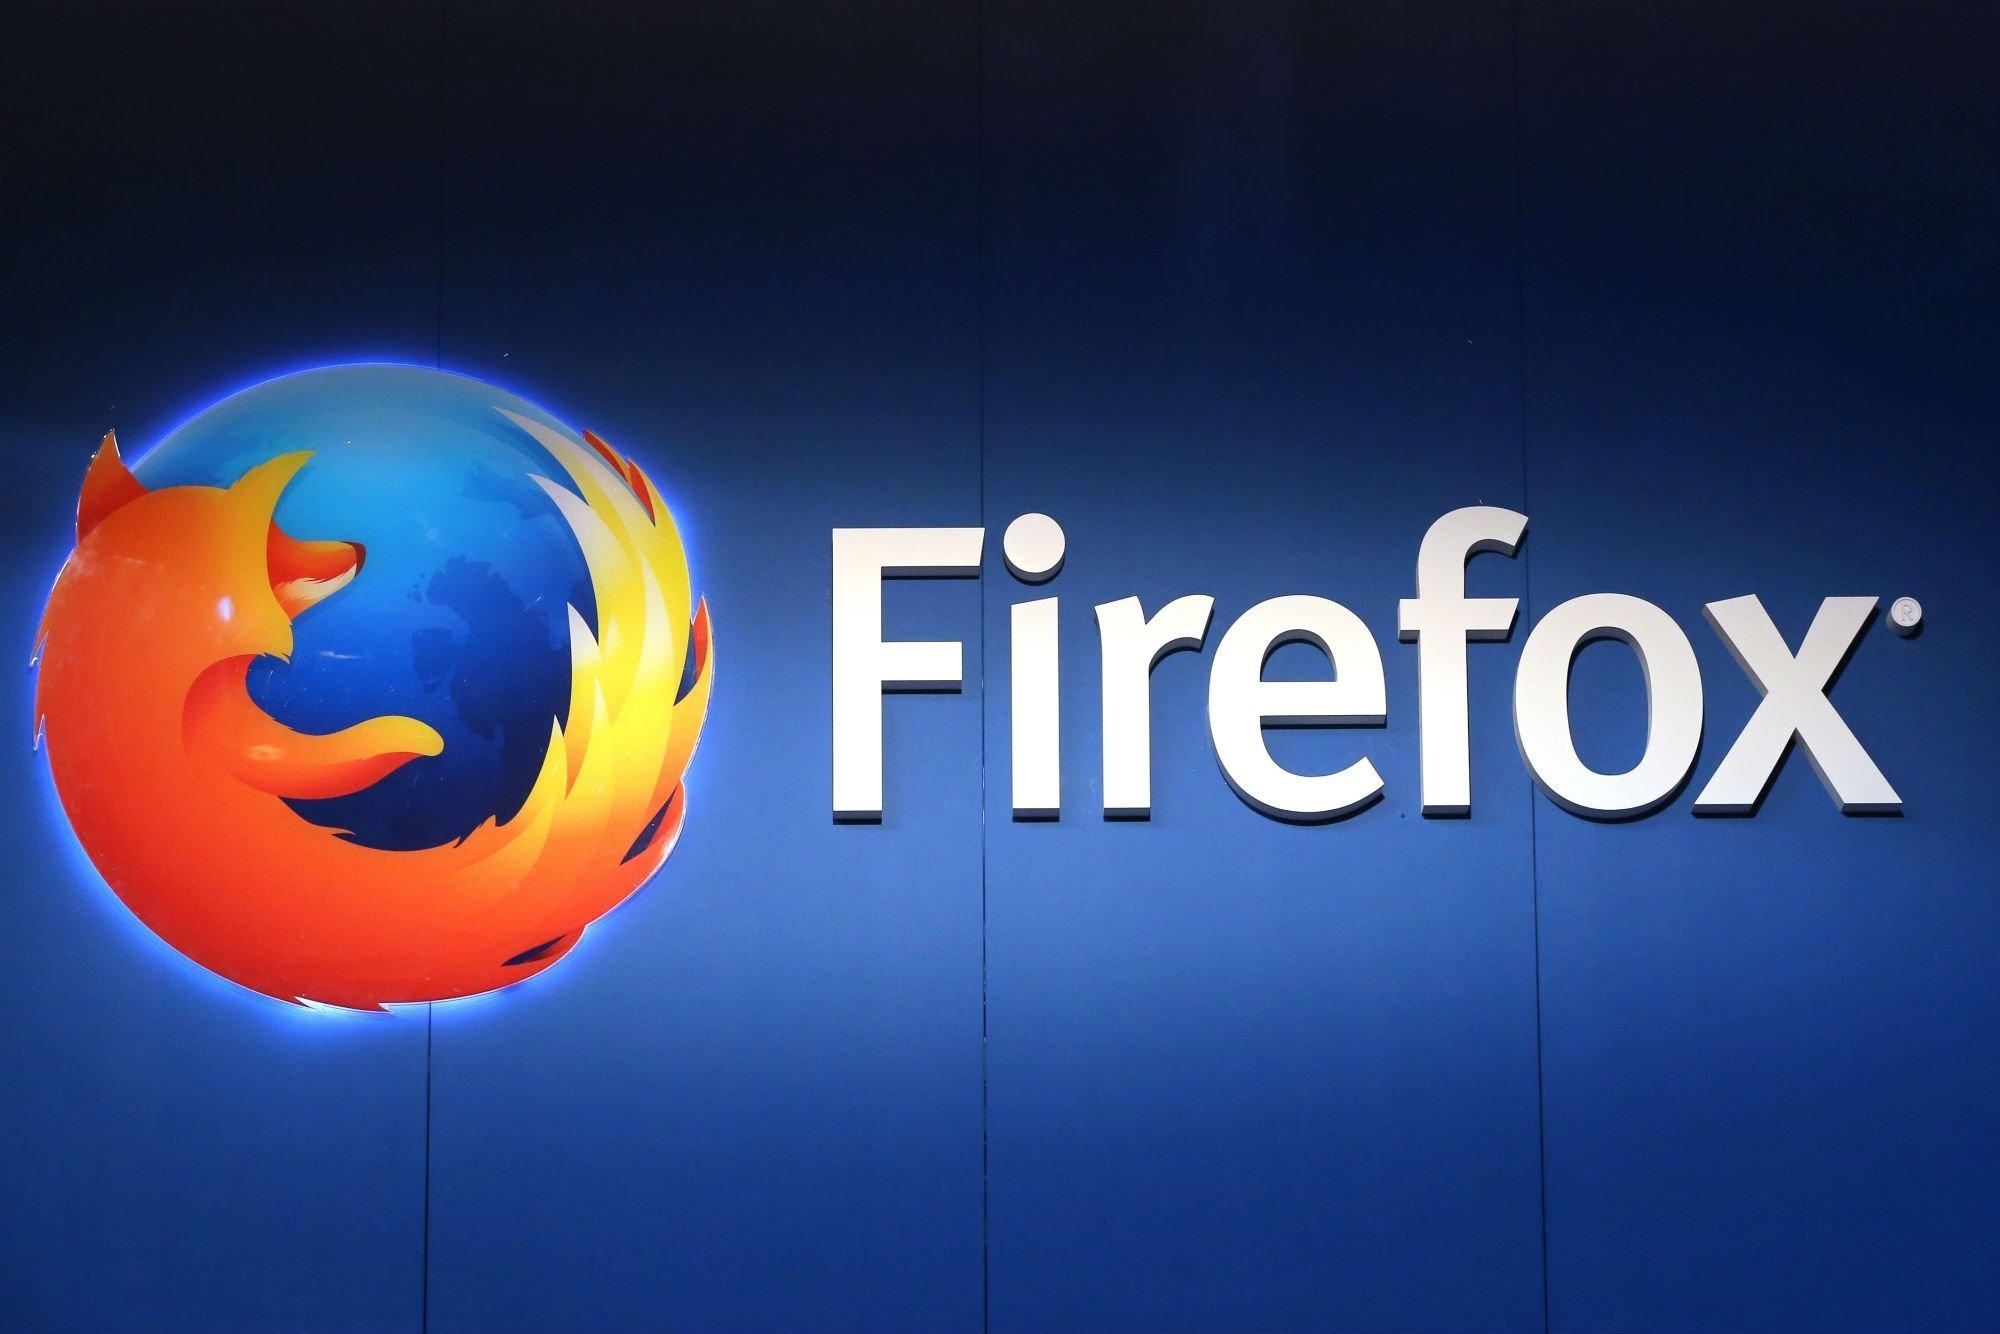 firefox logo em parede